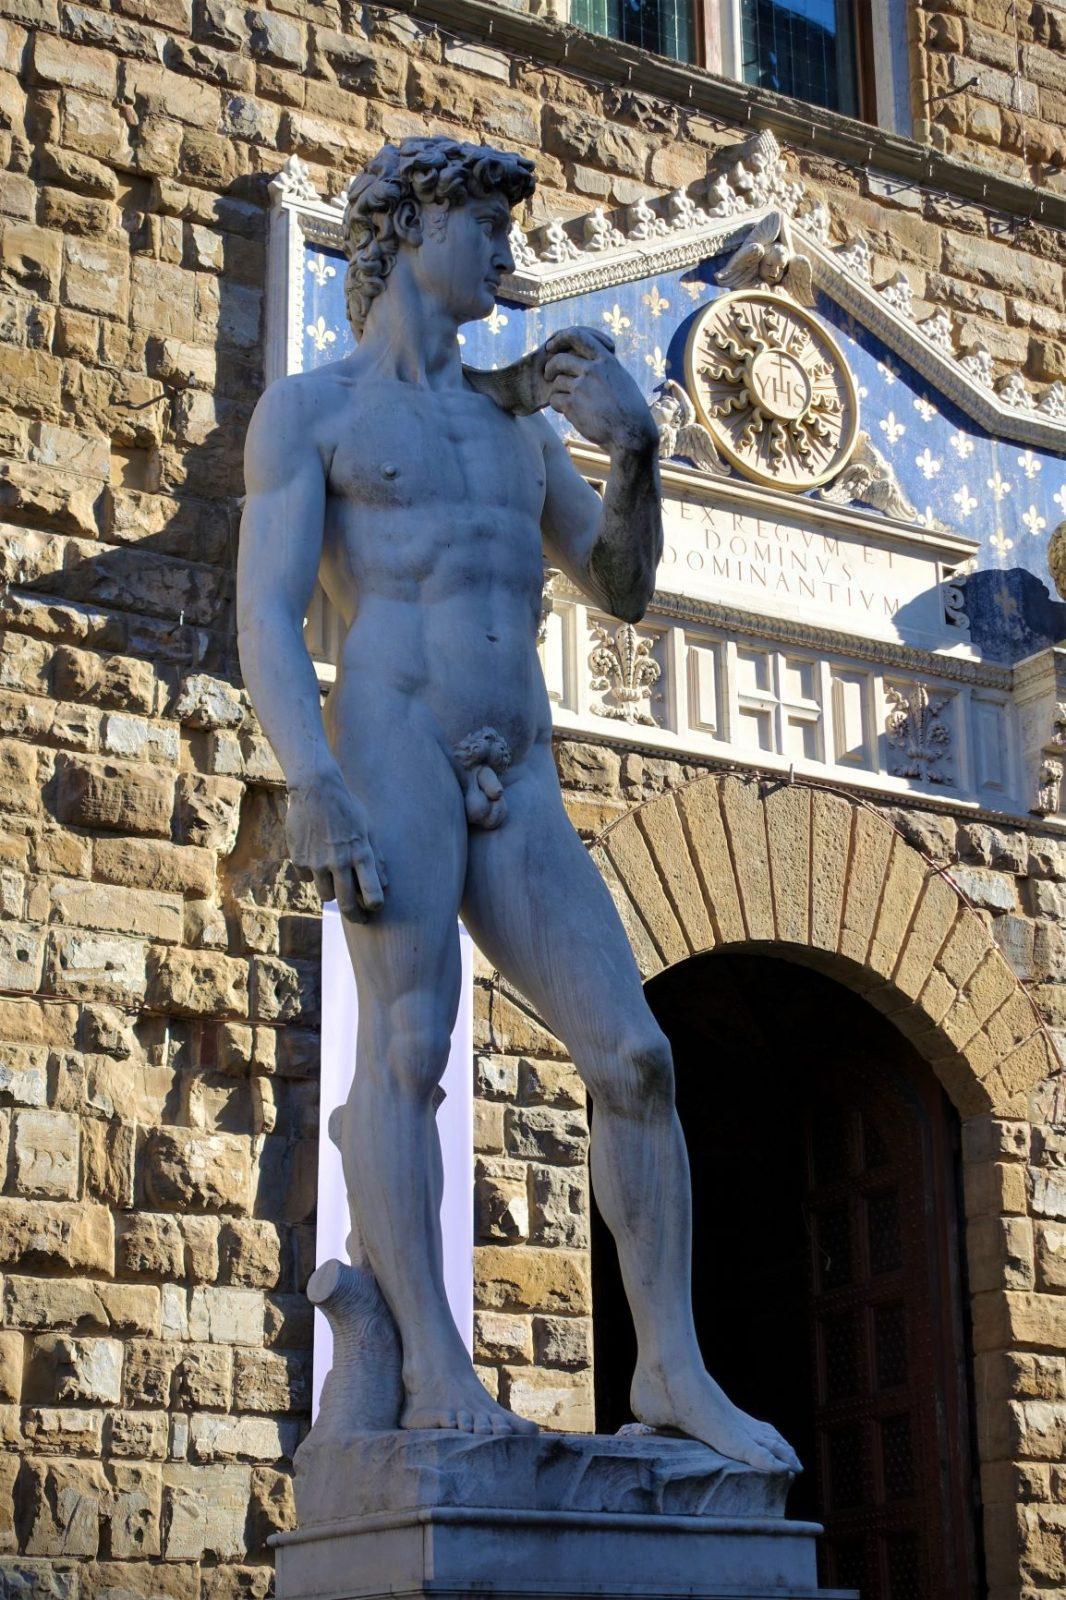 Michelangelos mesterverk, statuen av David